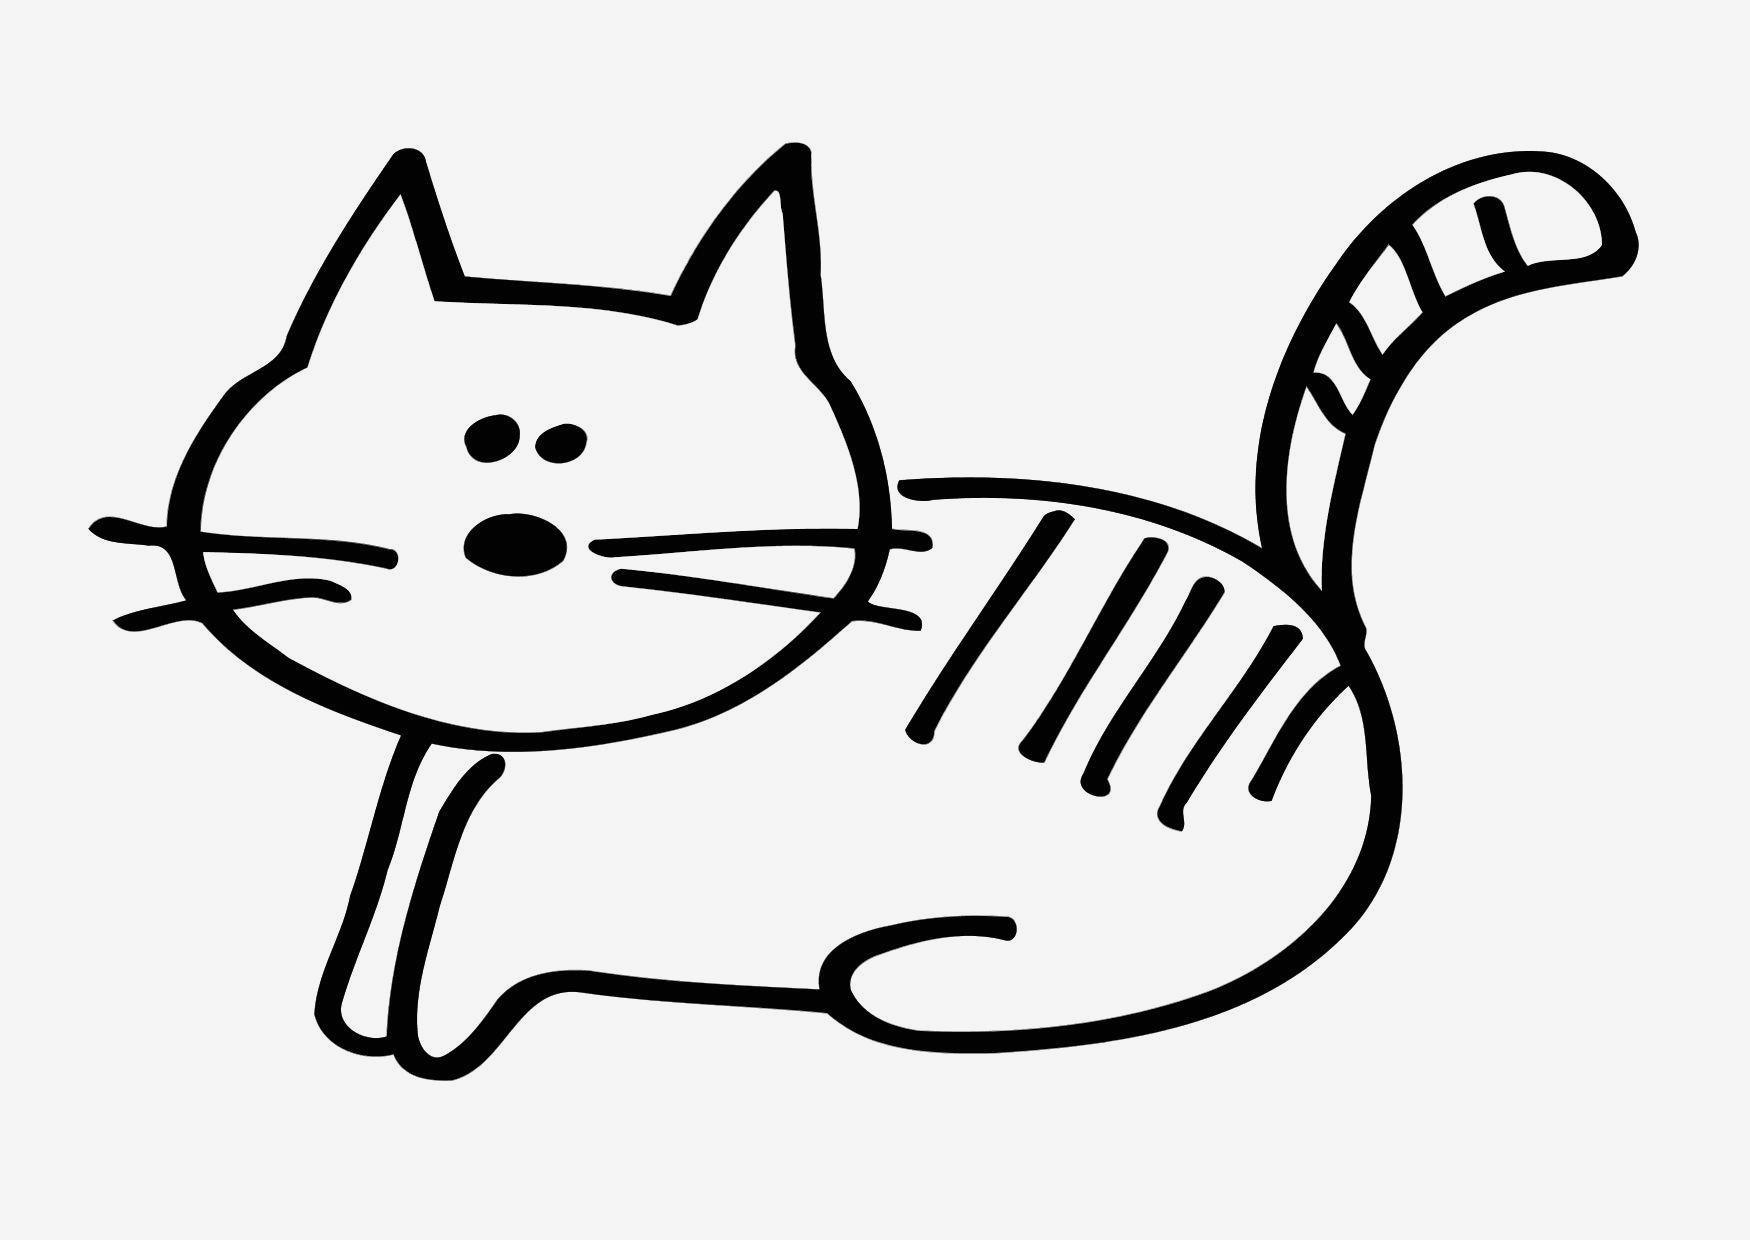 Katzen Bilder Zum Ausmalen Genial Eine Sammlung Von Färbung Bilder Malvorlagen Katzen Fotografieren